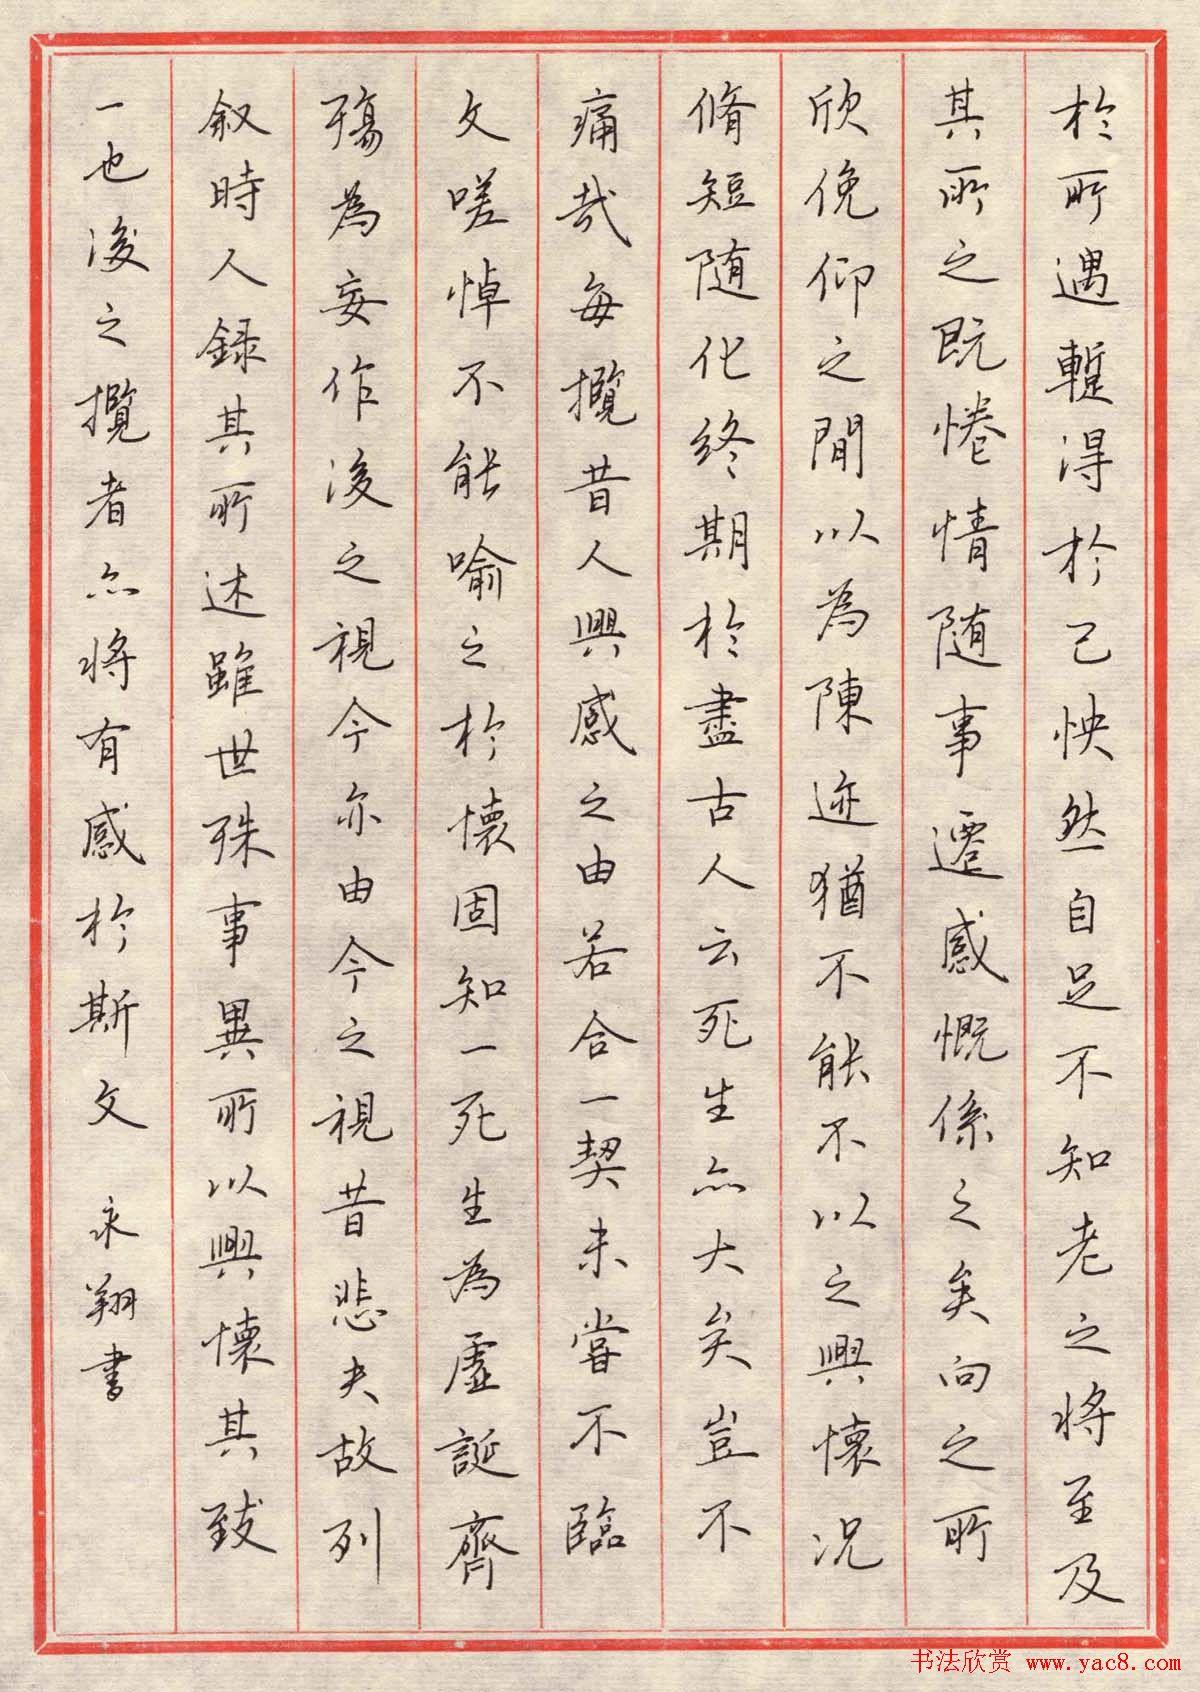 硬笔书法作品欣赏《兰亭序》(3)图片